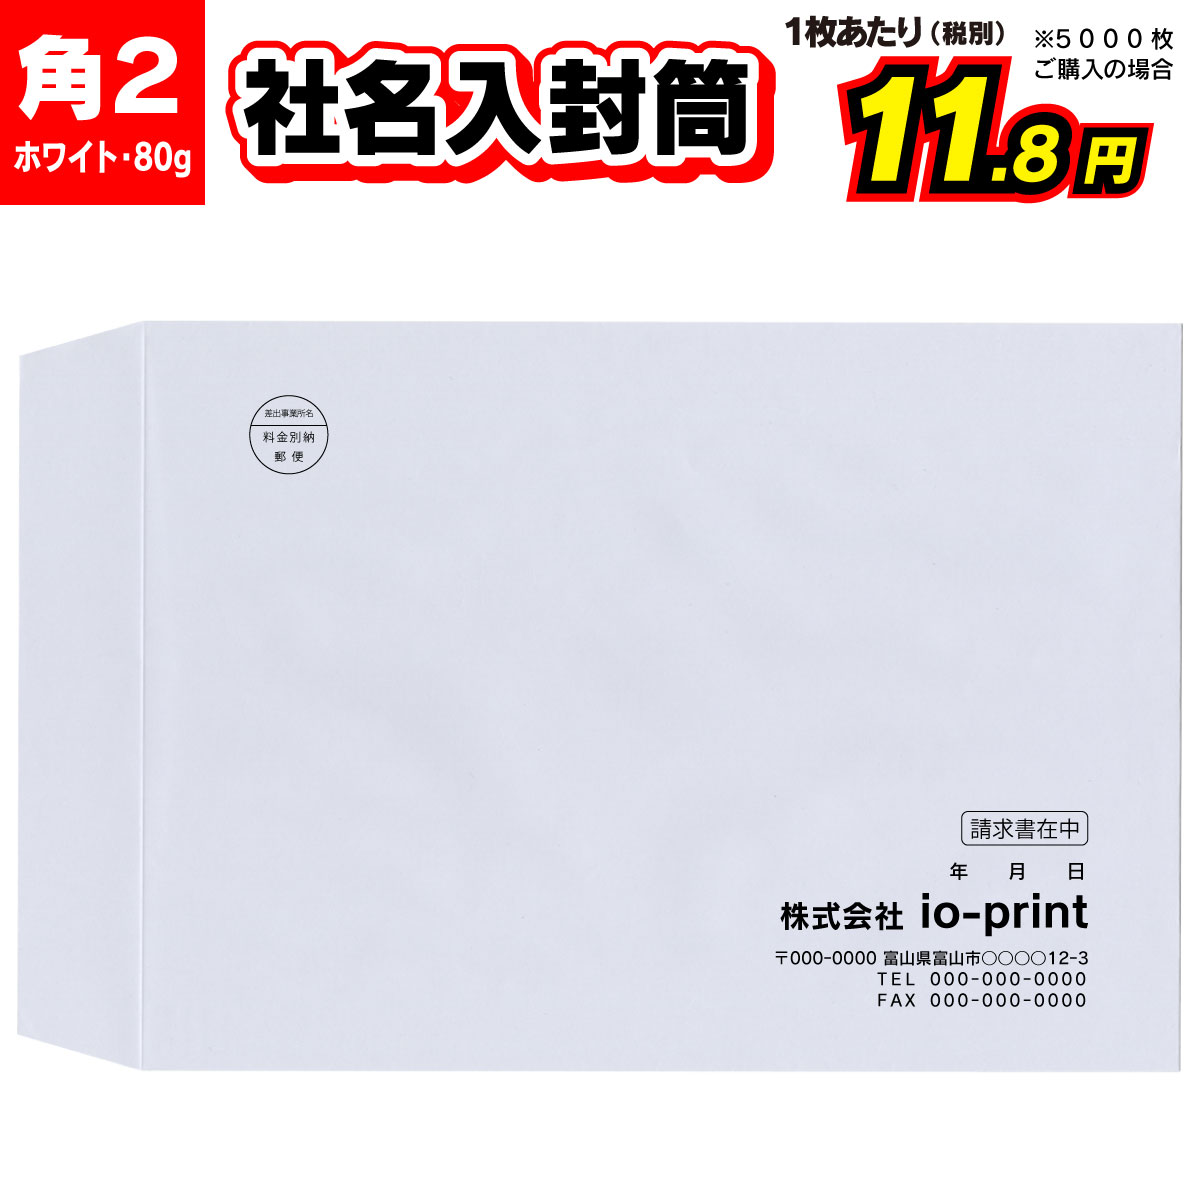 【限定特価】 封筒印刷 5000枚 角形2号 角2 80g ホワイト(白色), 七尾市 a2213d10